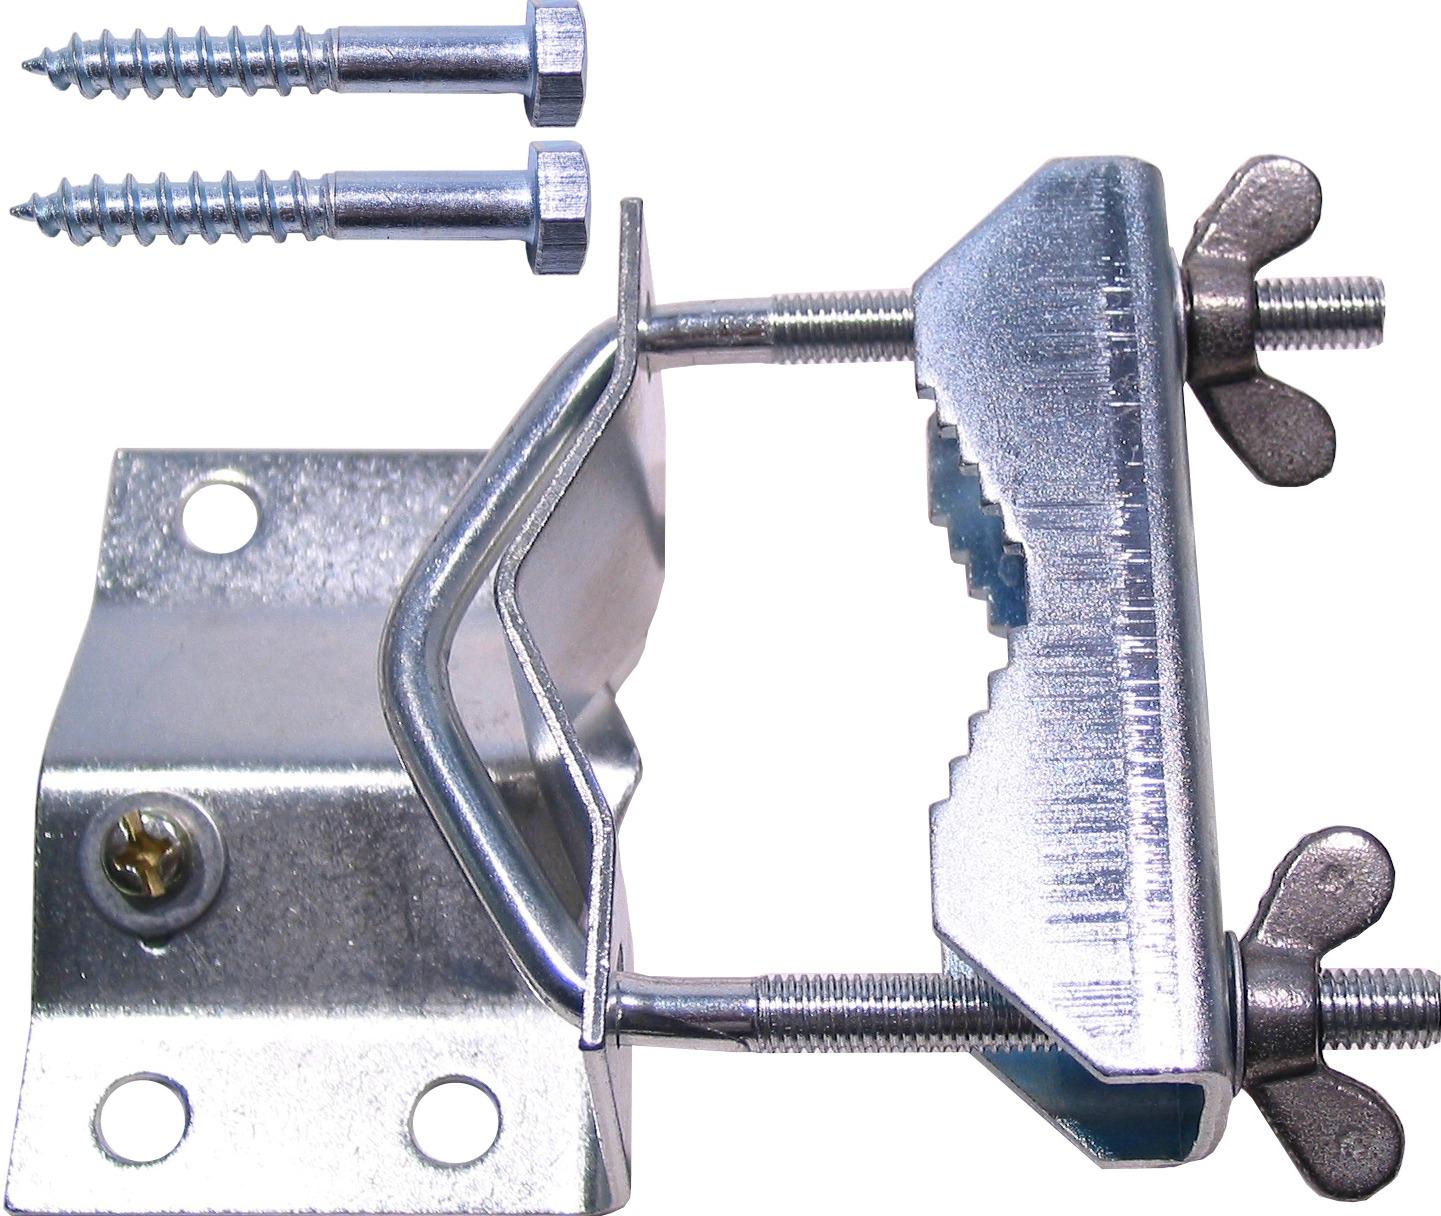 1 Stk SAT Mastfuß für Mastdurchmesser bis 60mm, Stahl verzinkt HSATMF60S-